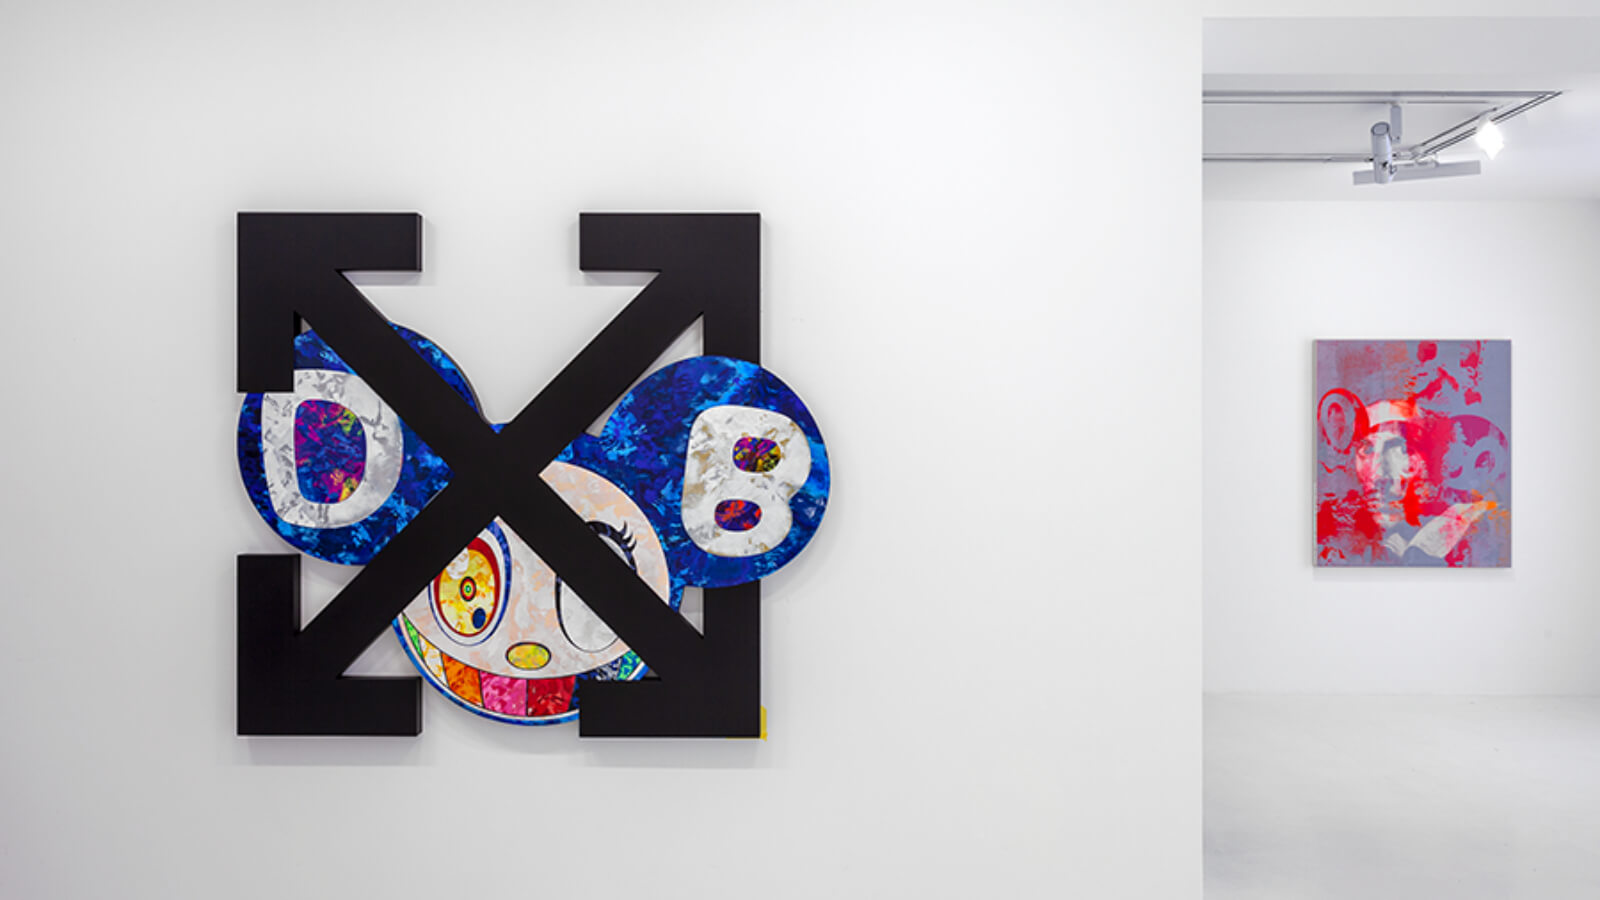 El artista Takashi Murakami se reunió de nueva cuenta con el diseñador Virgil Abloh